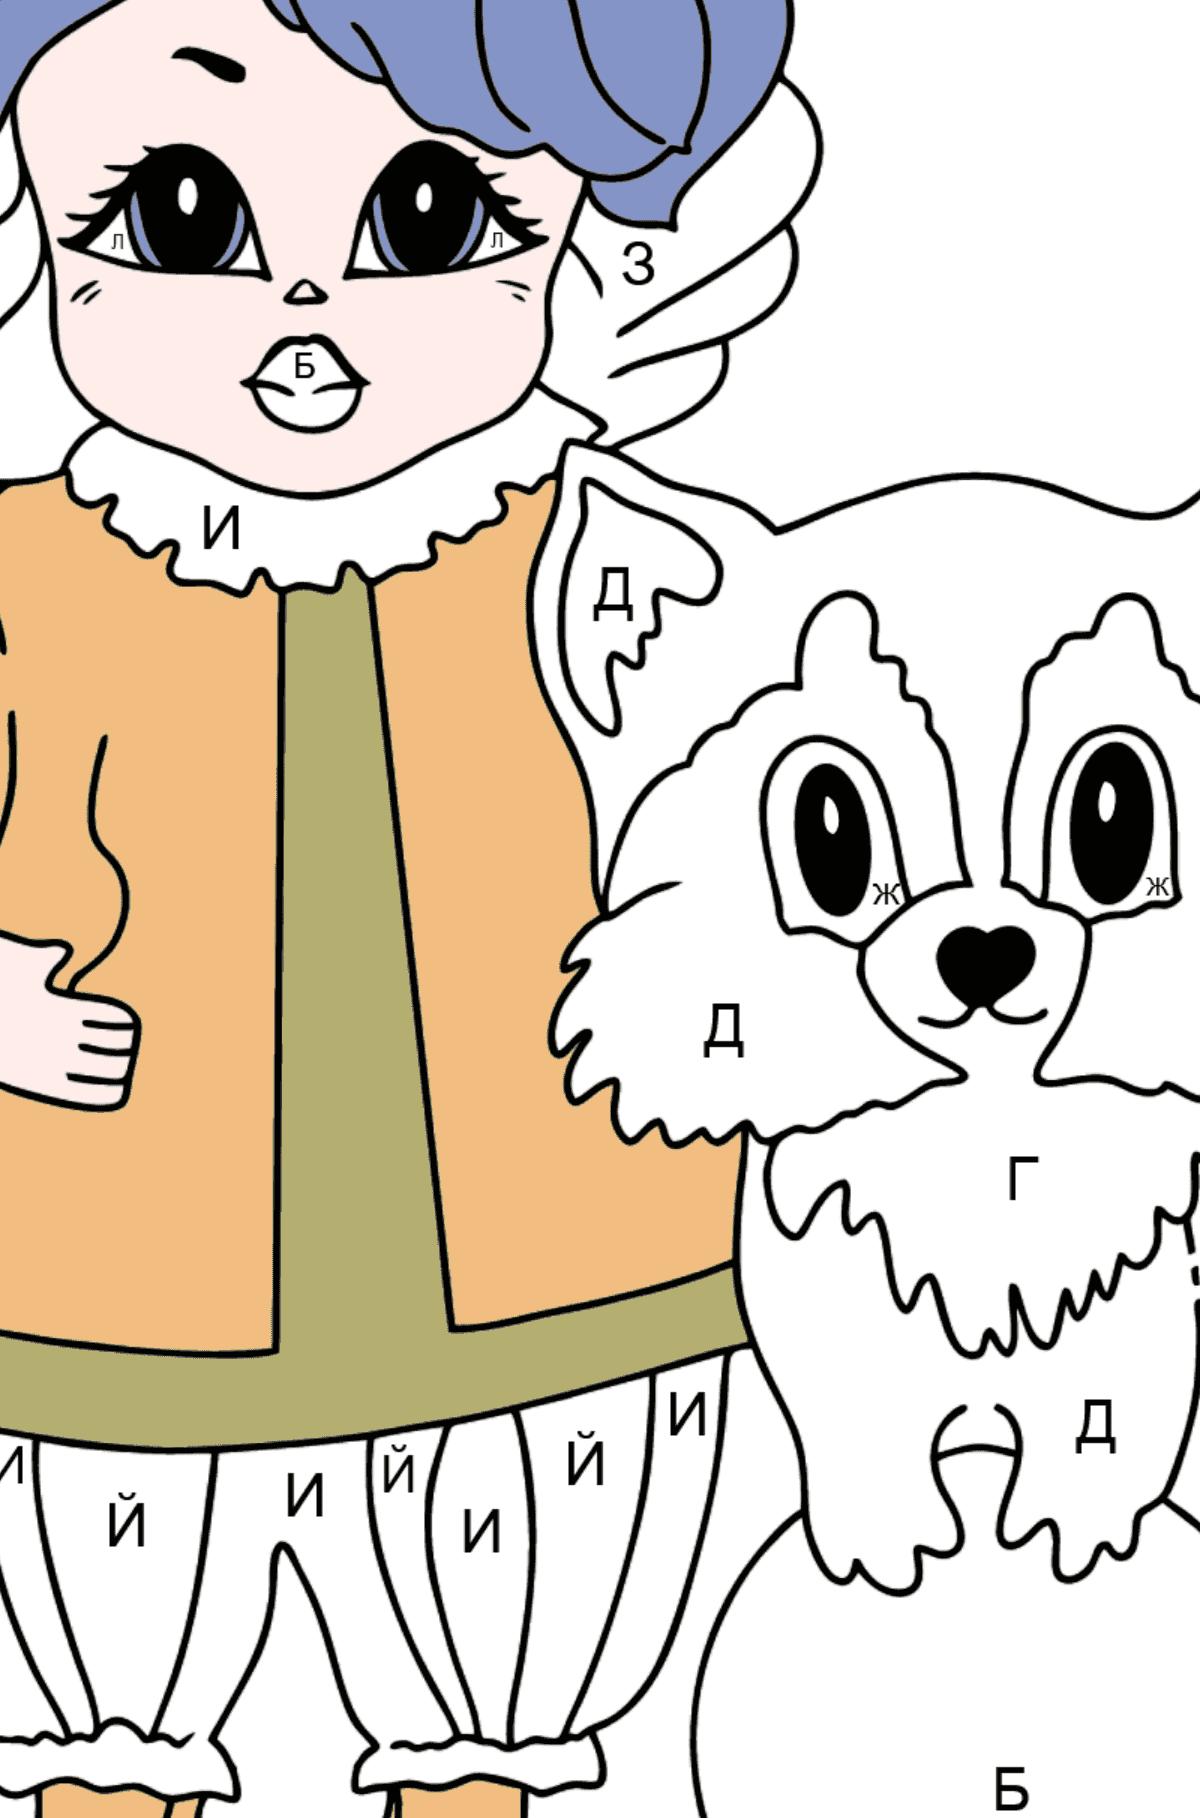 Раскраска Принцесса с Котом Енотом - Раскраска по Буквам для Детей